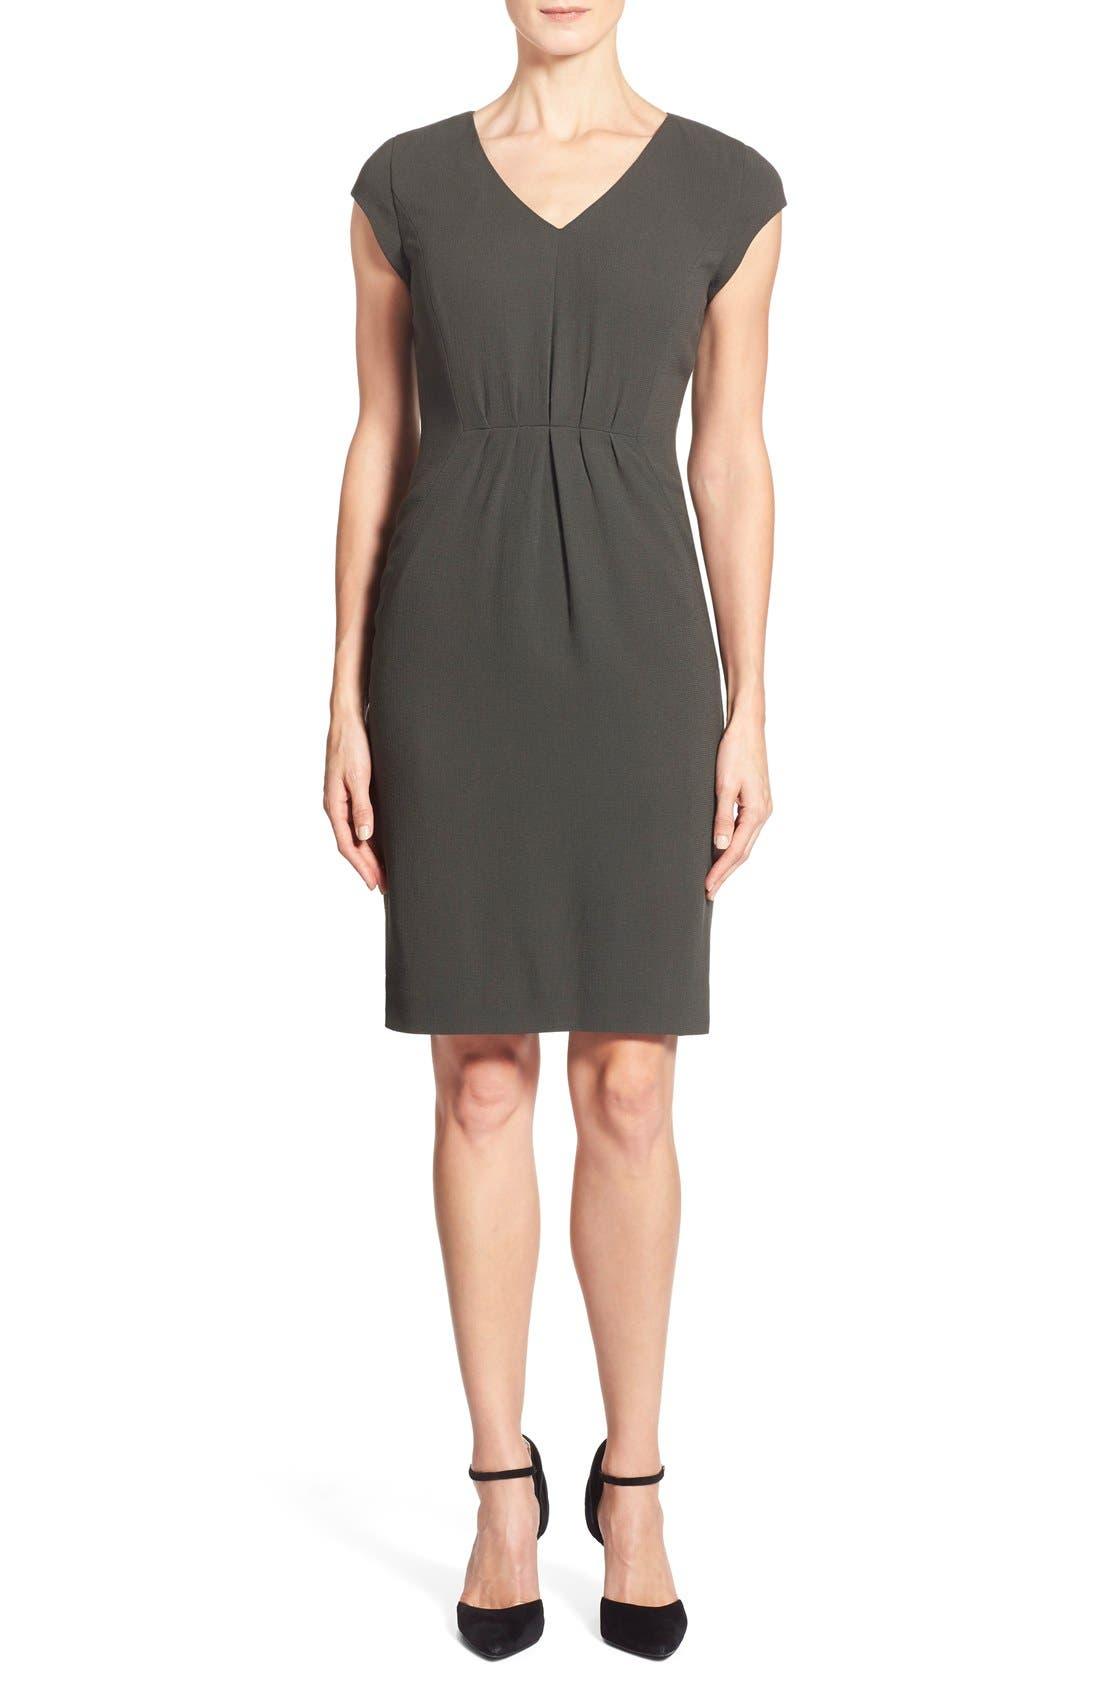 CLASSIQUES ENTIER<SUP>®</SUP> V-Neck Double Cloth Sheath Dress, Main, color, 301